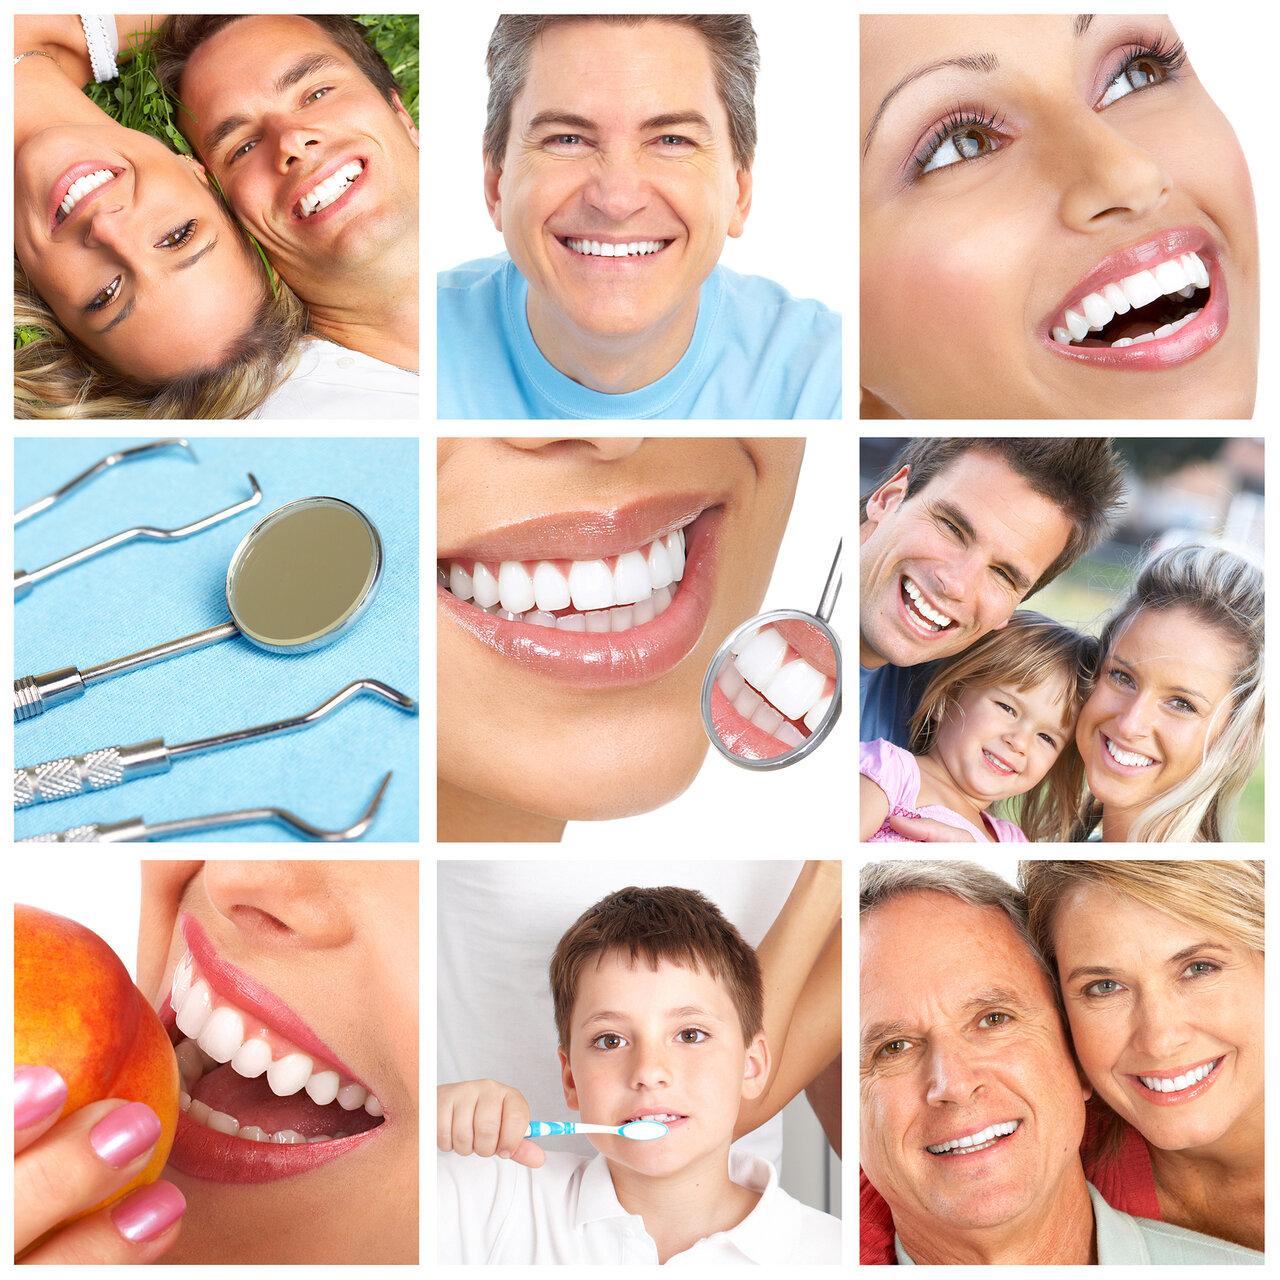 поможет рисунок здоровые зубы или белоснежная улыбка что куда